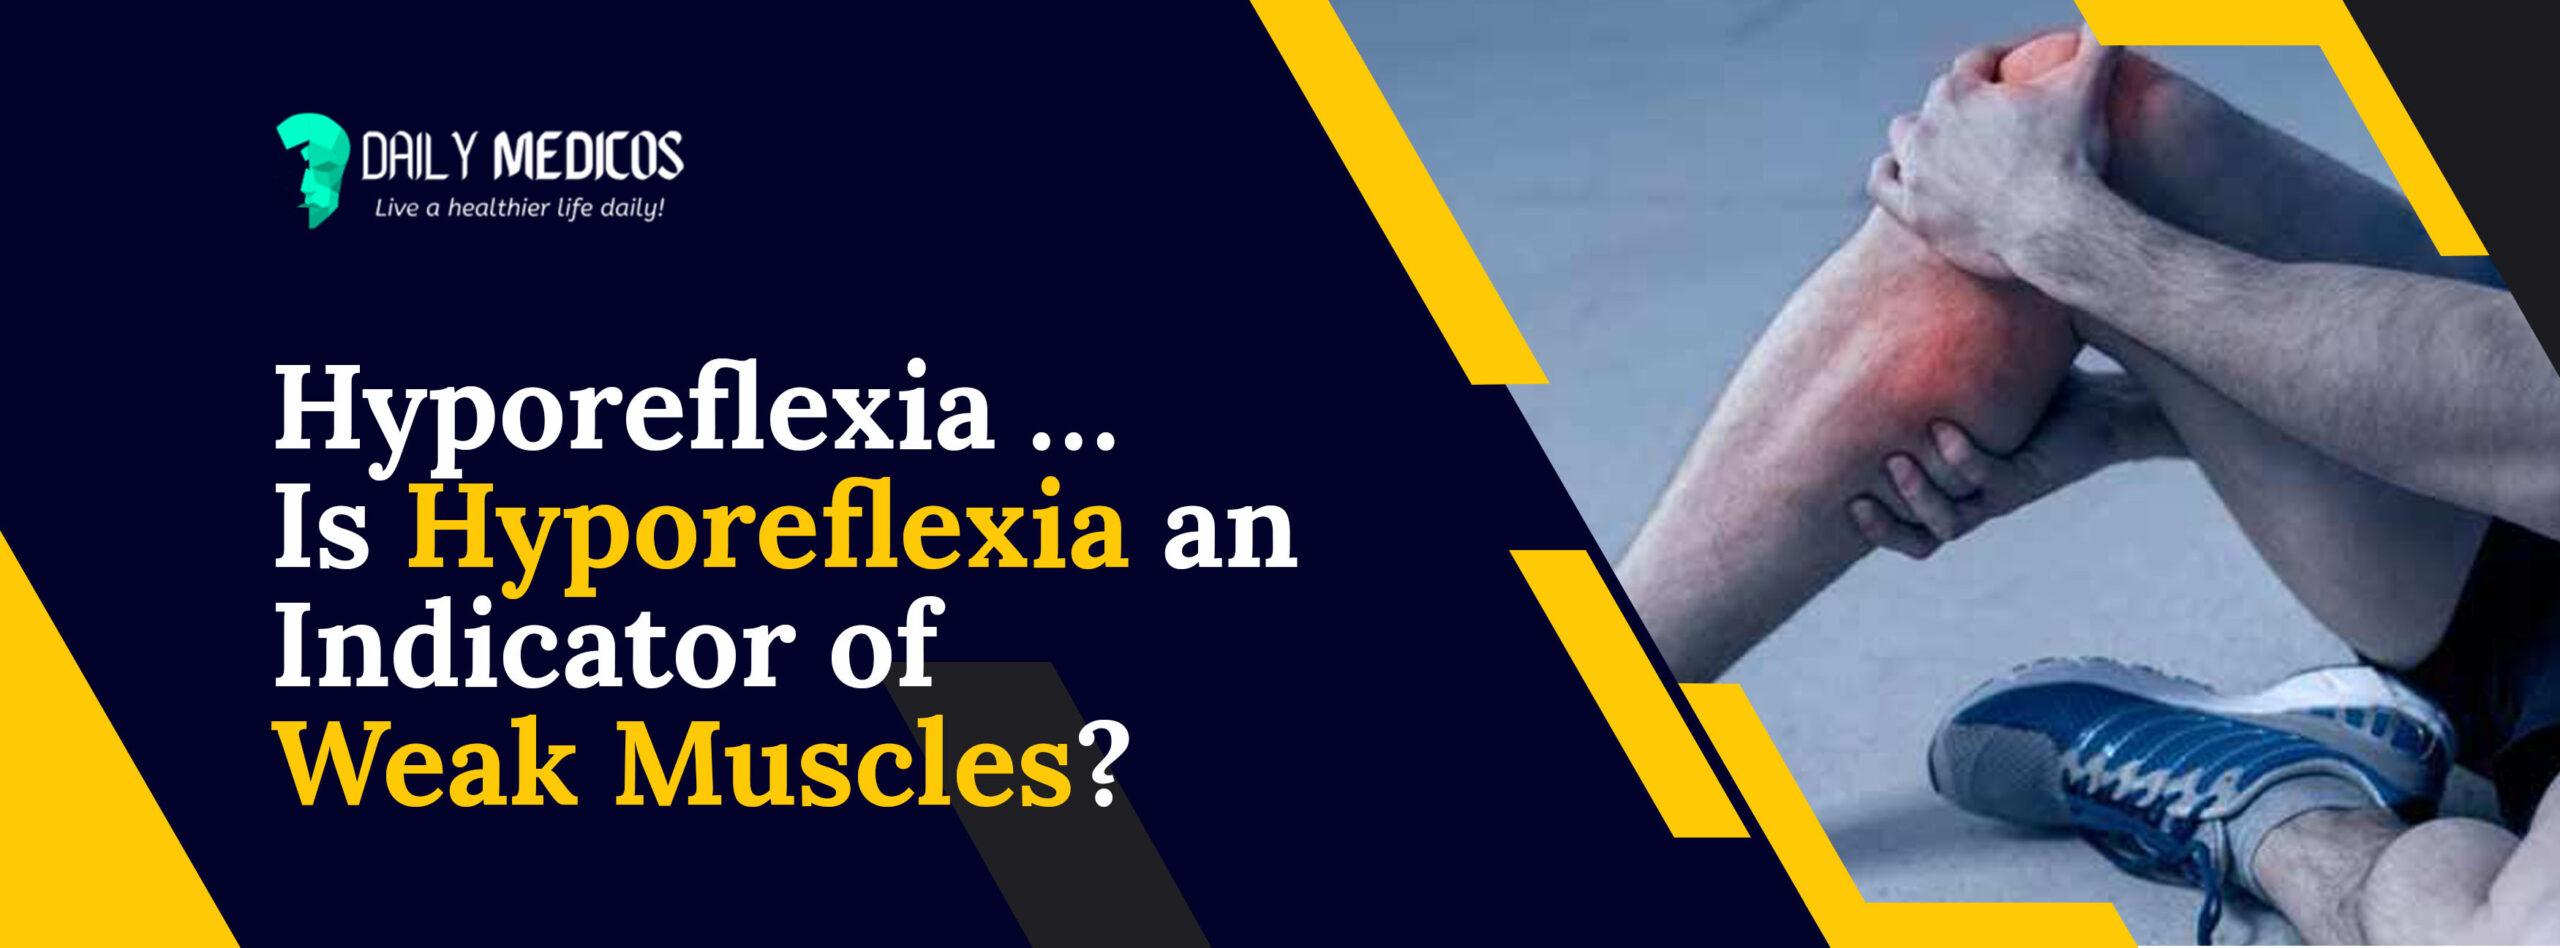 Hyporeflexia ...Is Hyporeflexia an Indicator of Weak Muscles? 8 - Daily Medicos